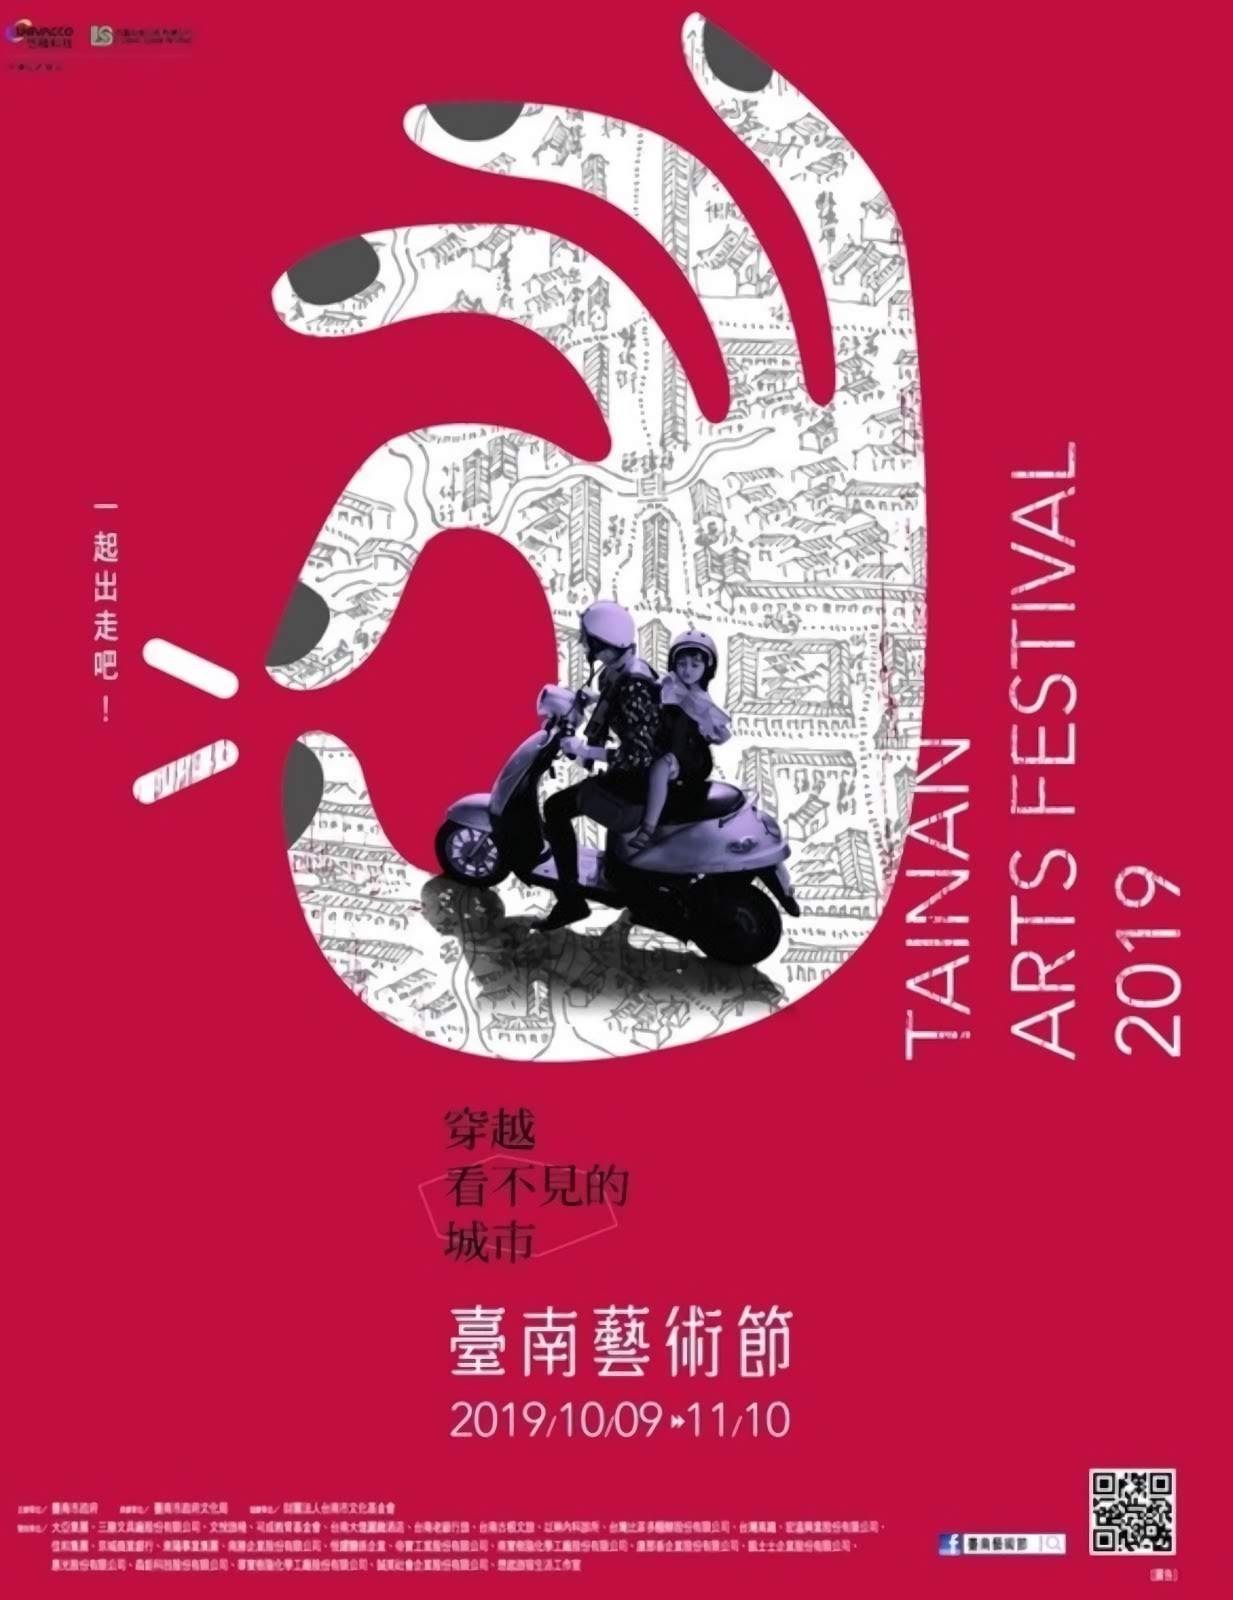 2019台南藝術節主視覺Logo爆抄襲英國插畫家5年前作品 全面下架